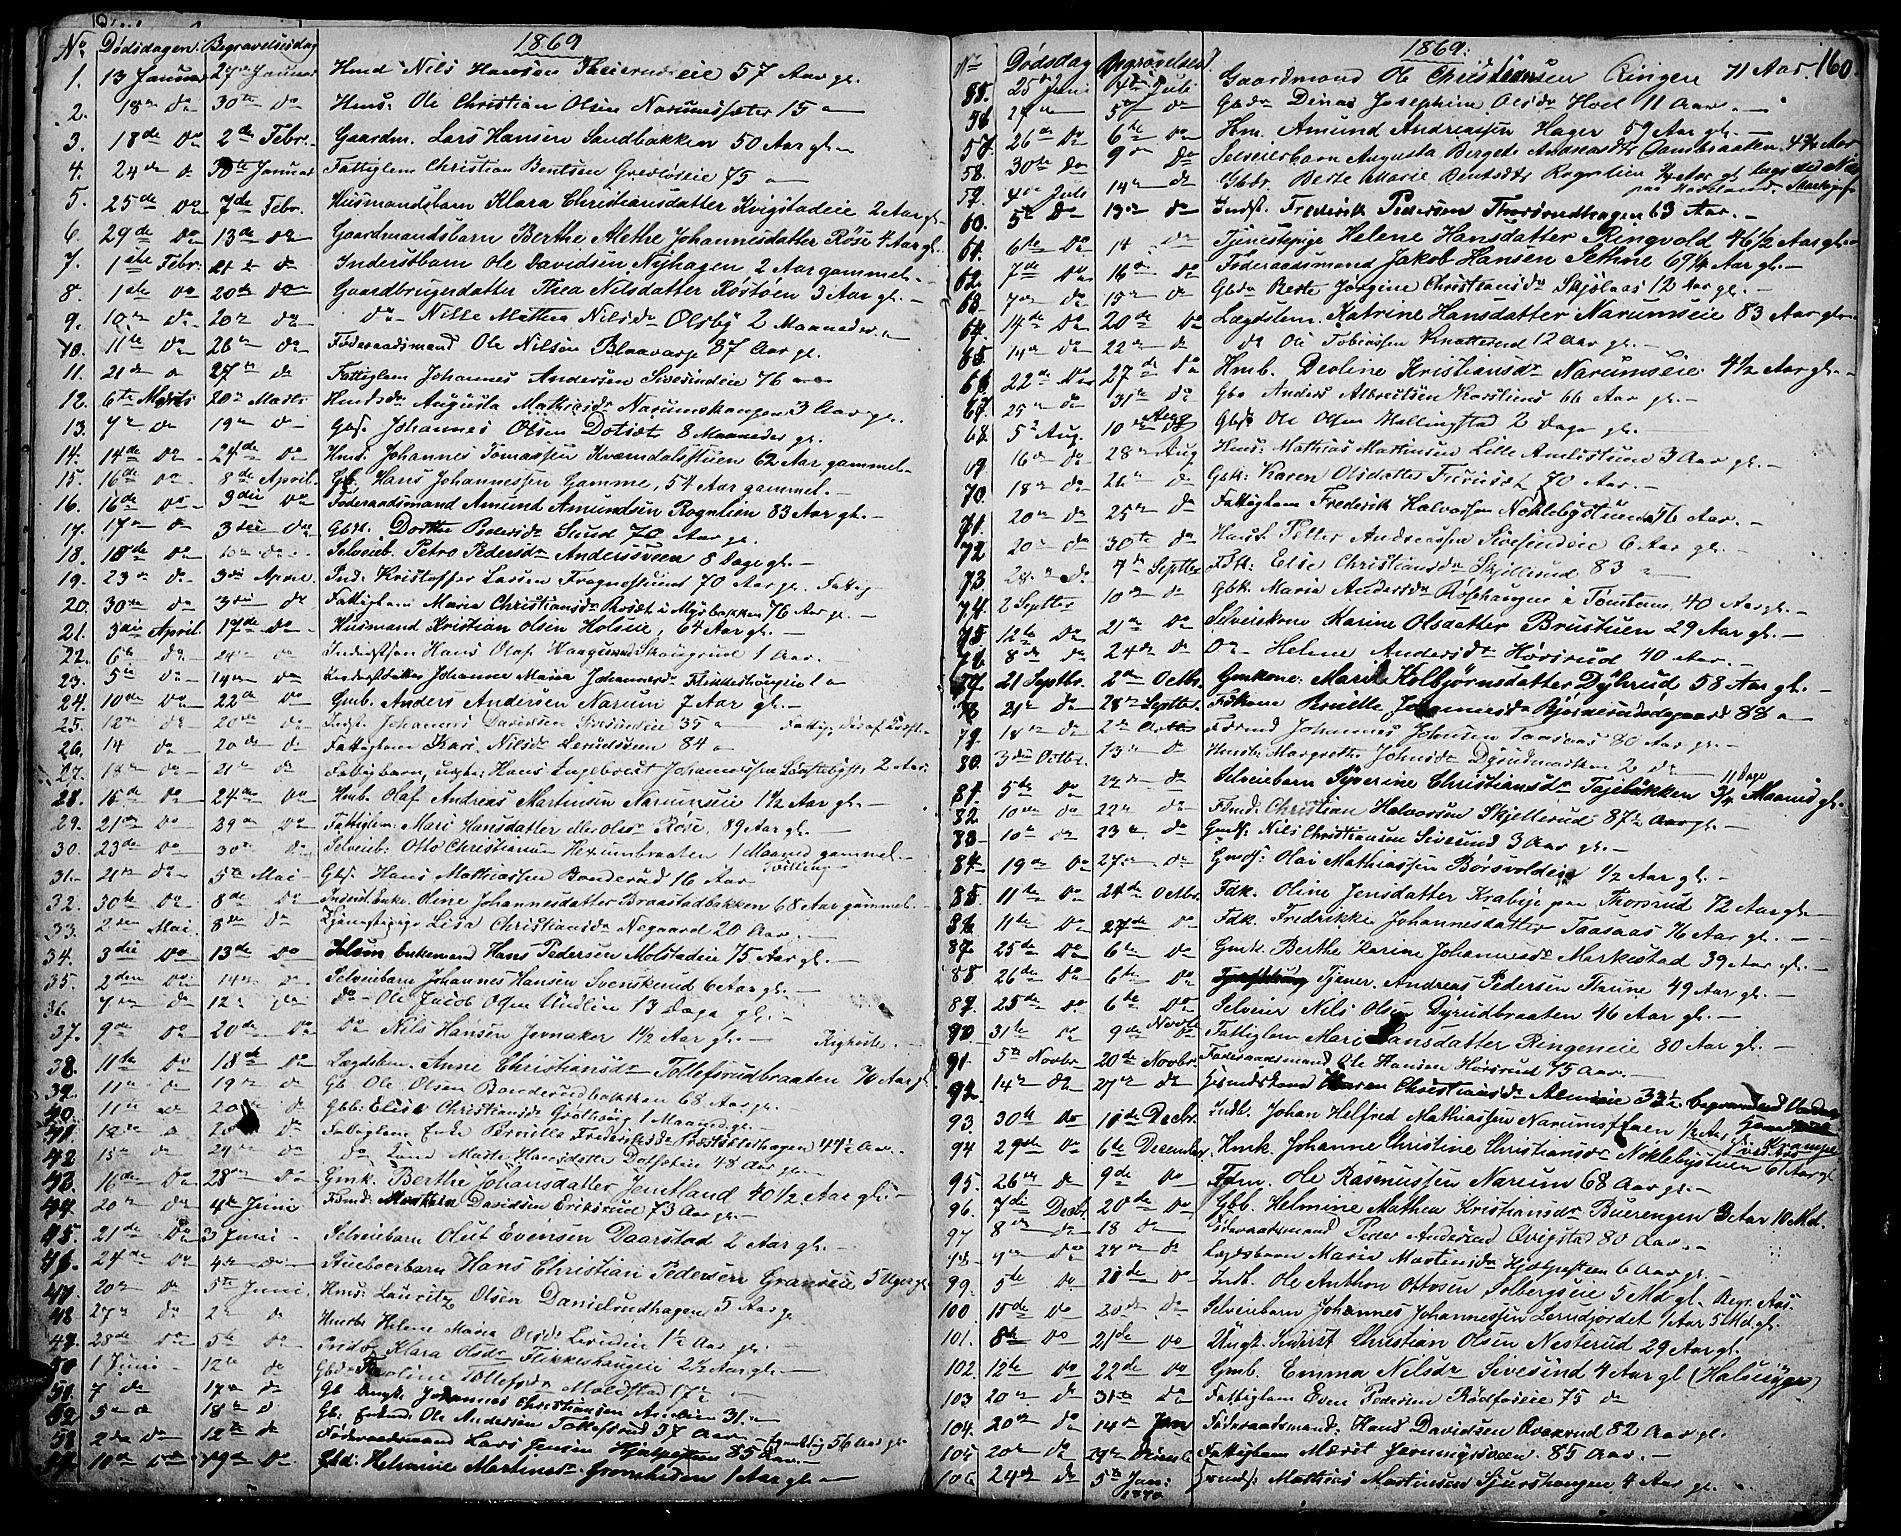 SAH, Vestre Toten prestekontor, Klokkerbok nr. 5, 1854-1870, s. 160